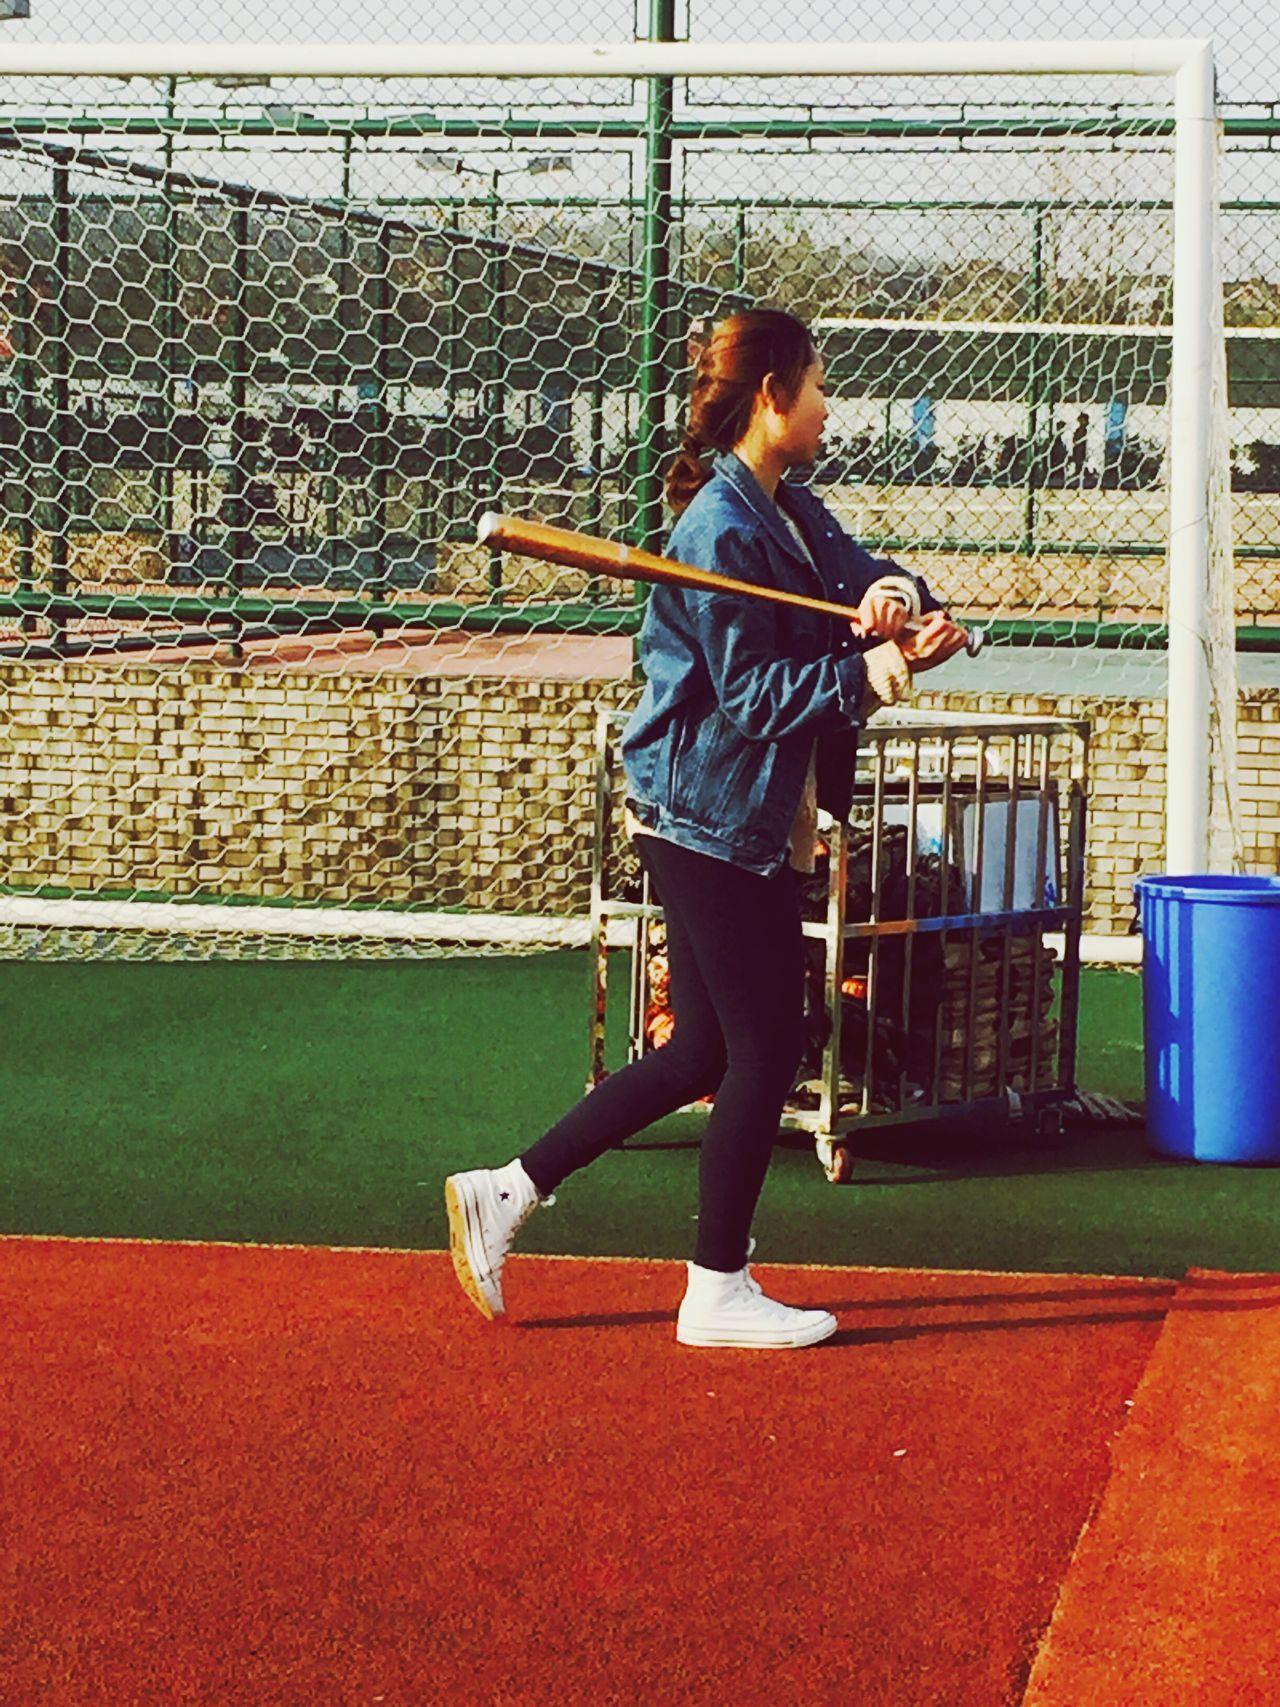 Softball Girls Cool Sport Sportgirl